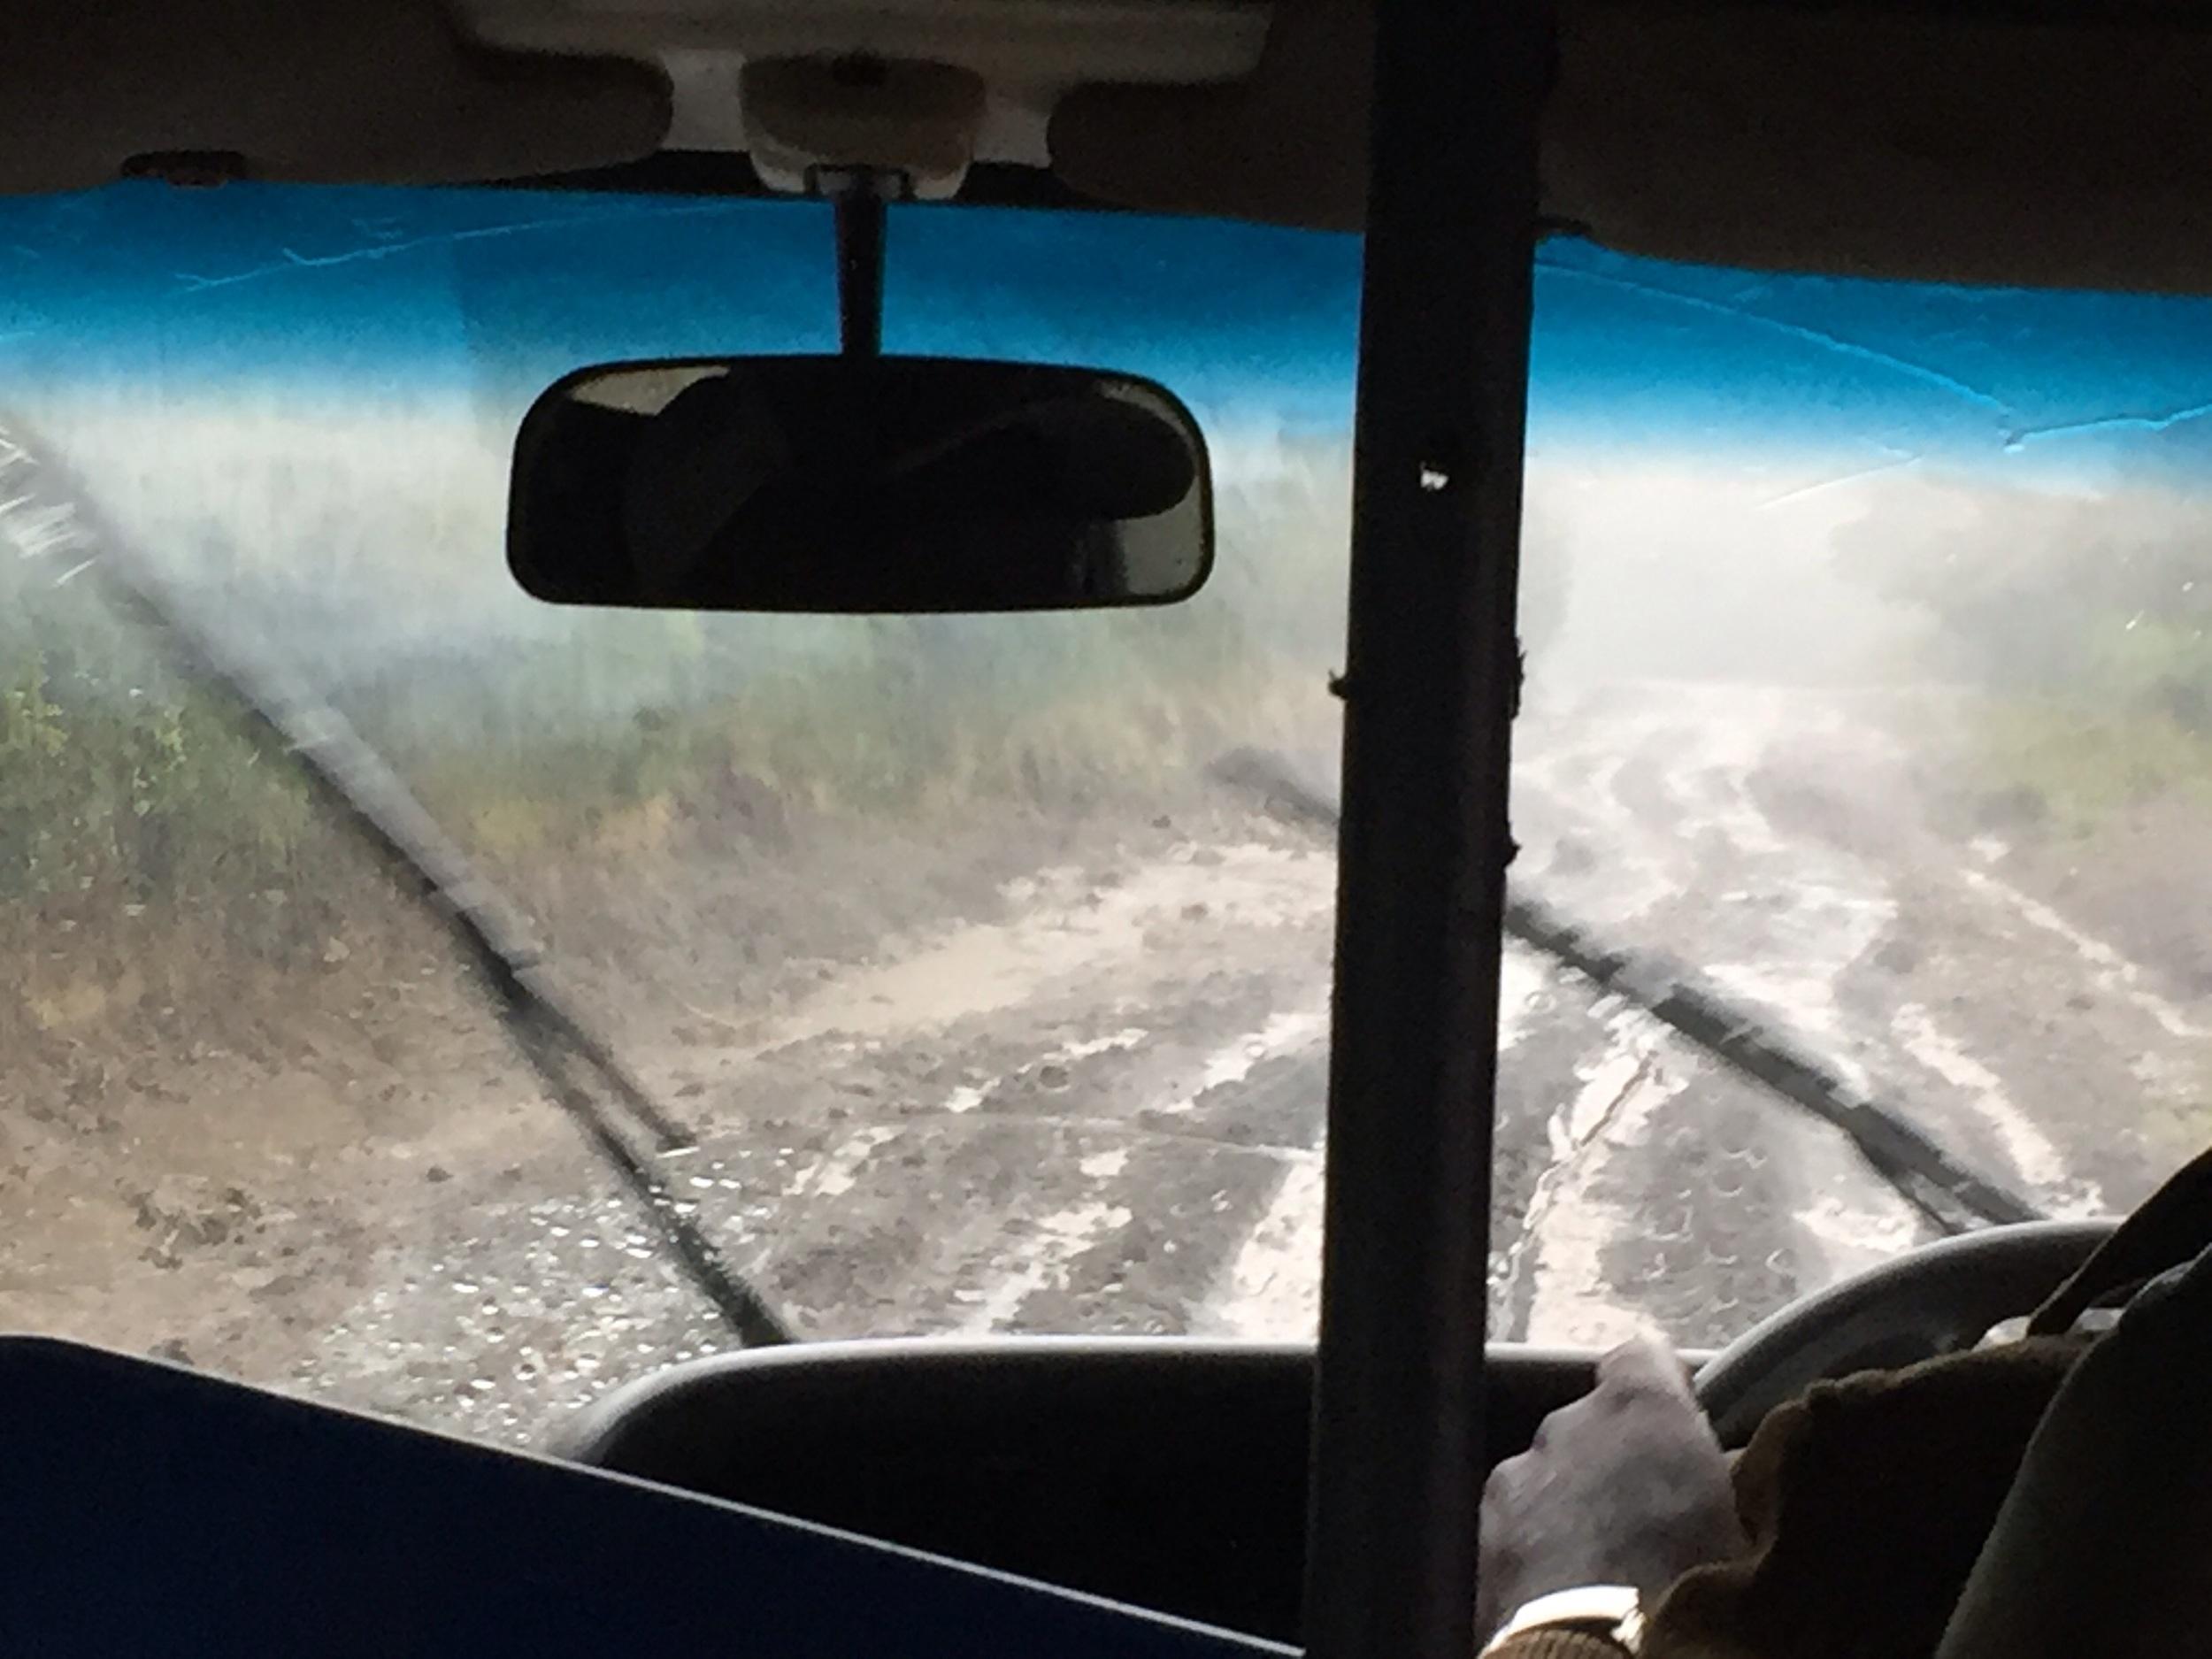 Praying us through the mud